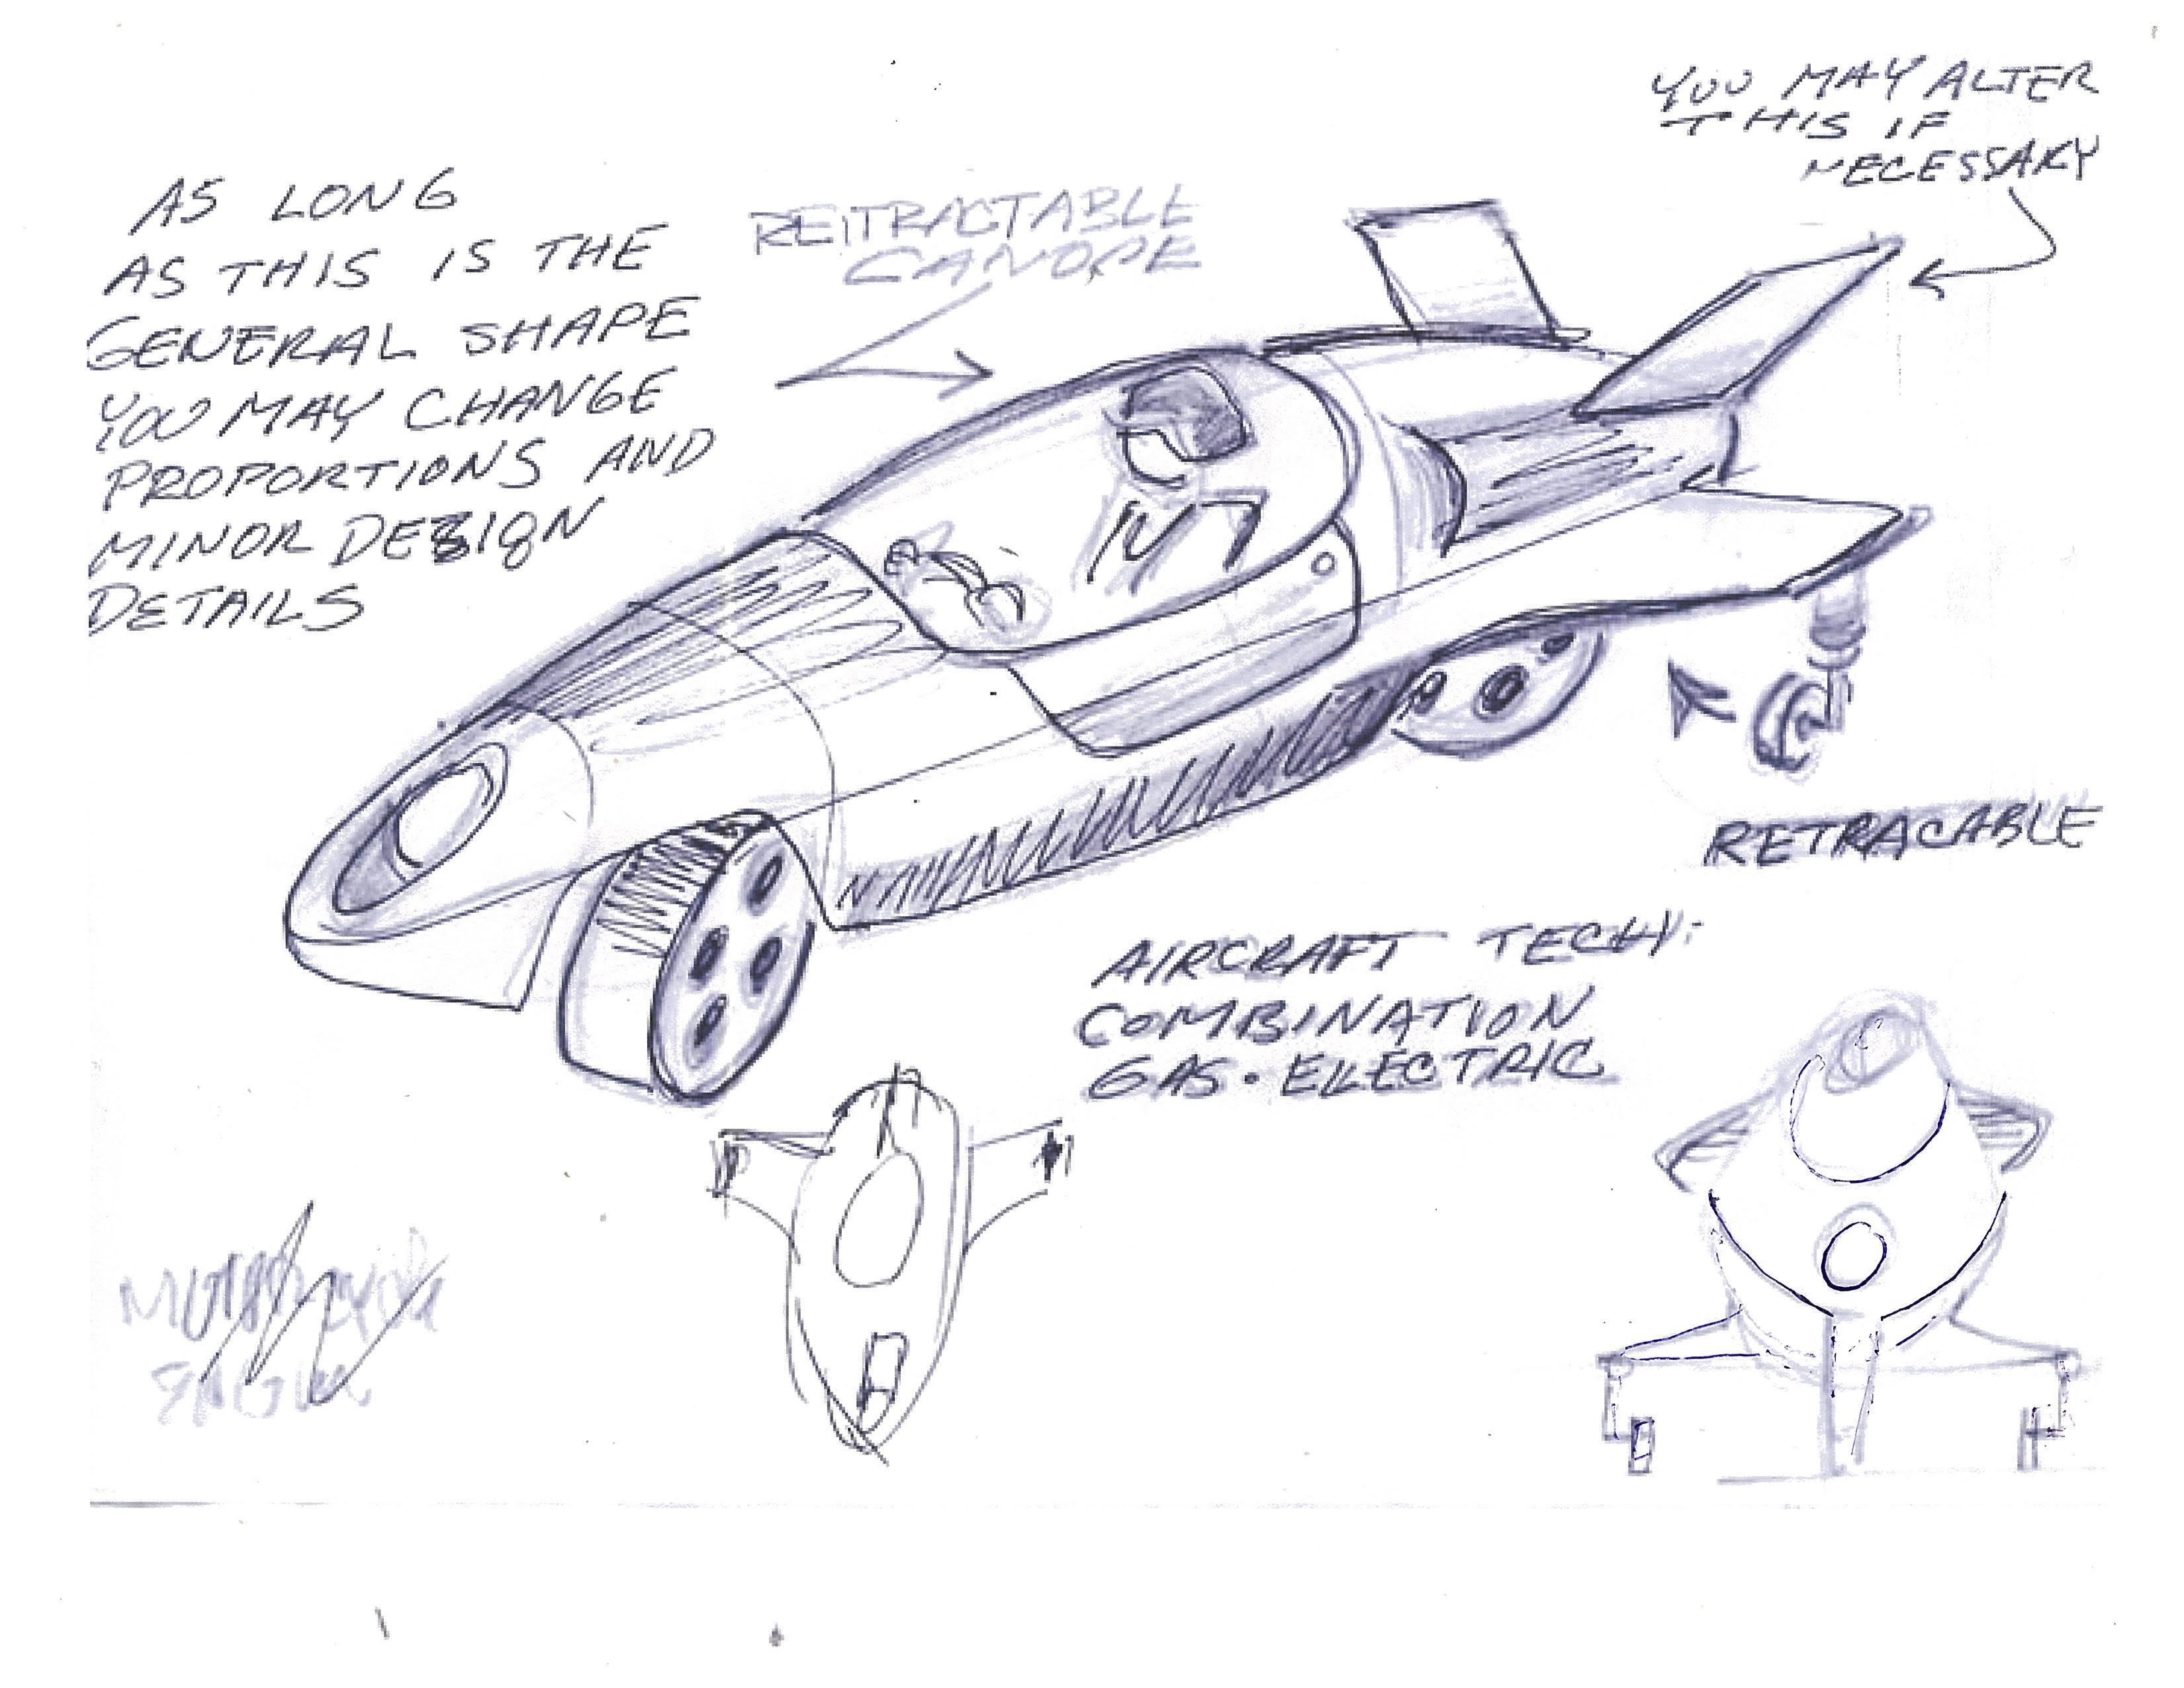 Corwin schematics